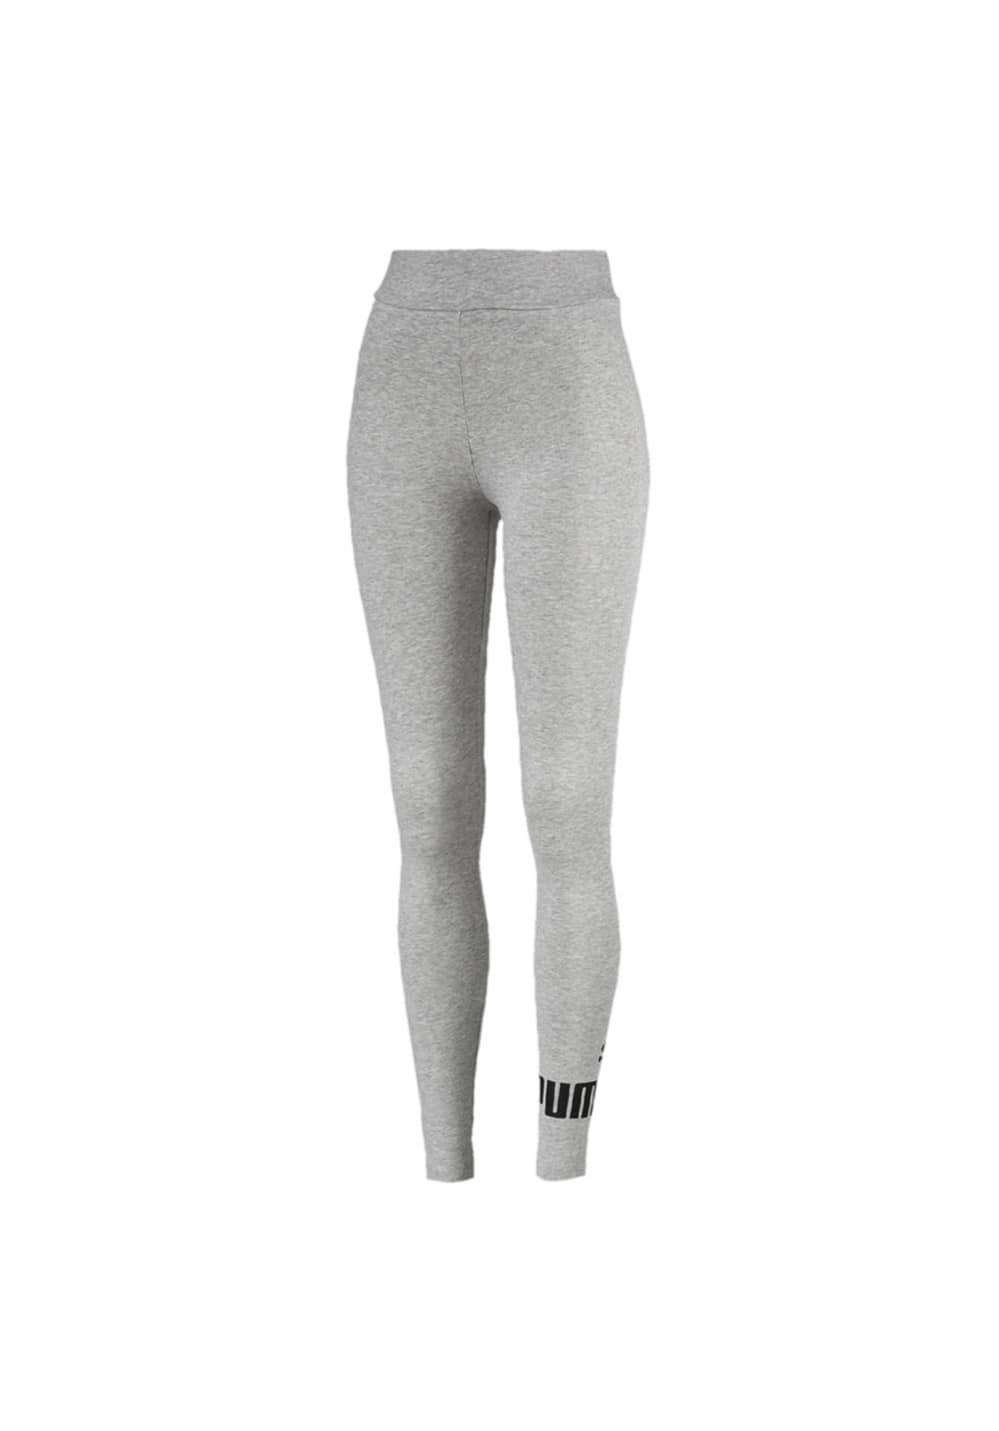 b74c8fe2faf6 Puma Essential Logo Leggings - Running trousers for Women - Grey